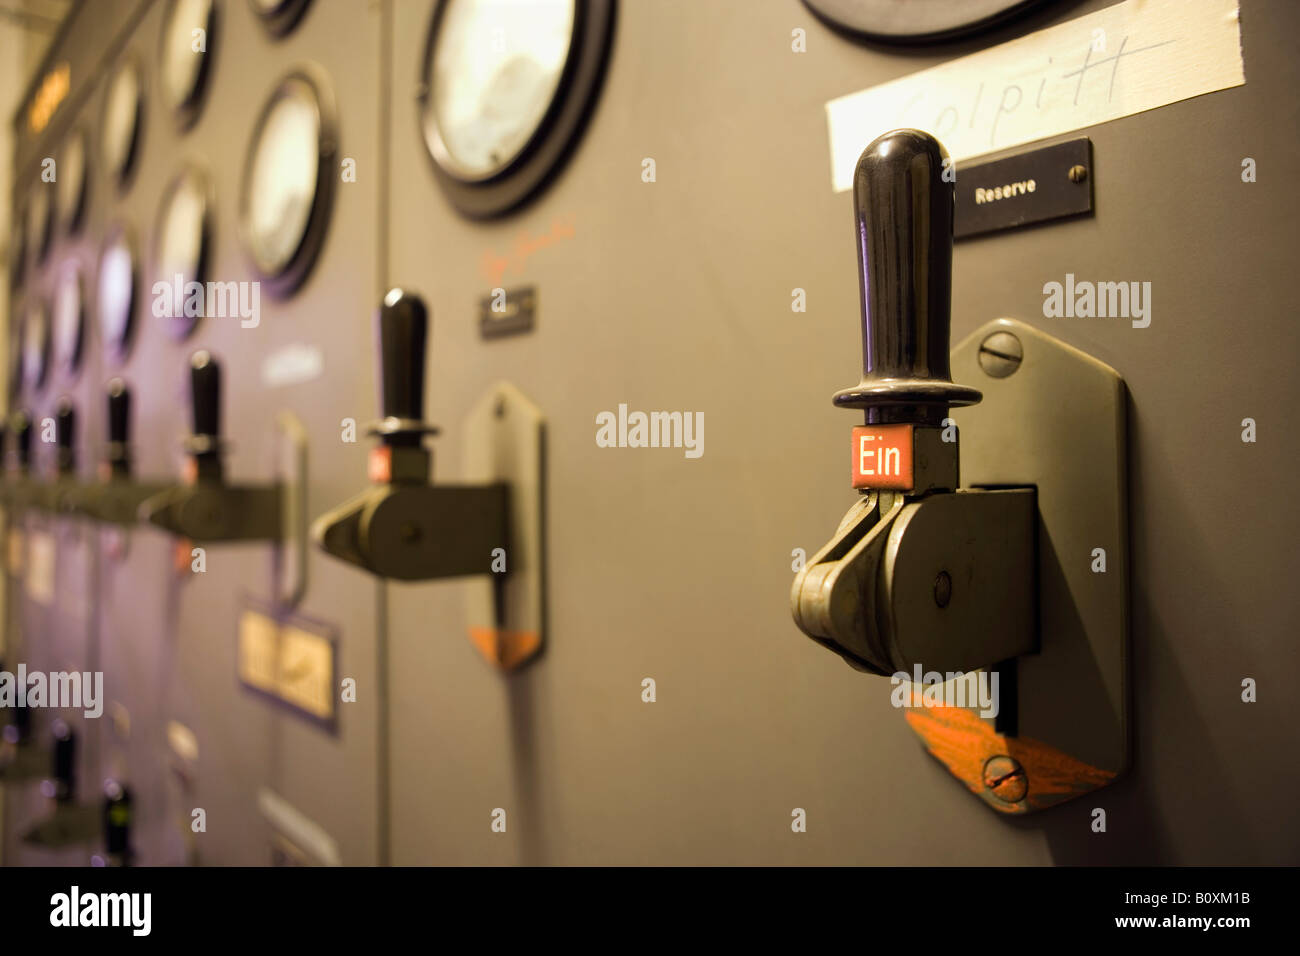 Estación de calentamiento, la palanca de control Imagen De Stock